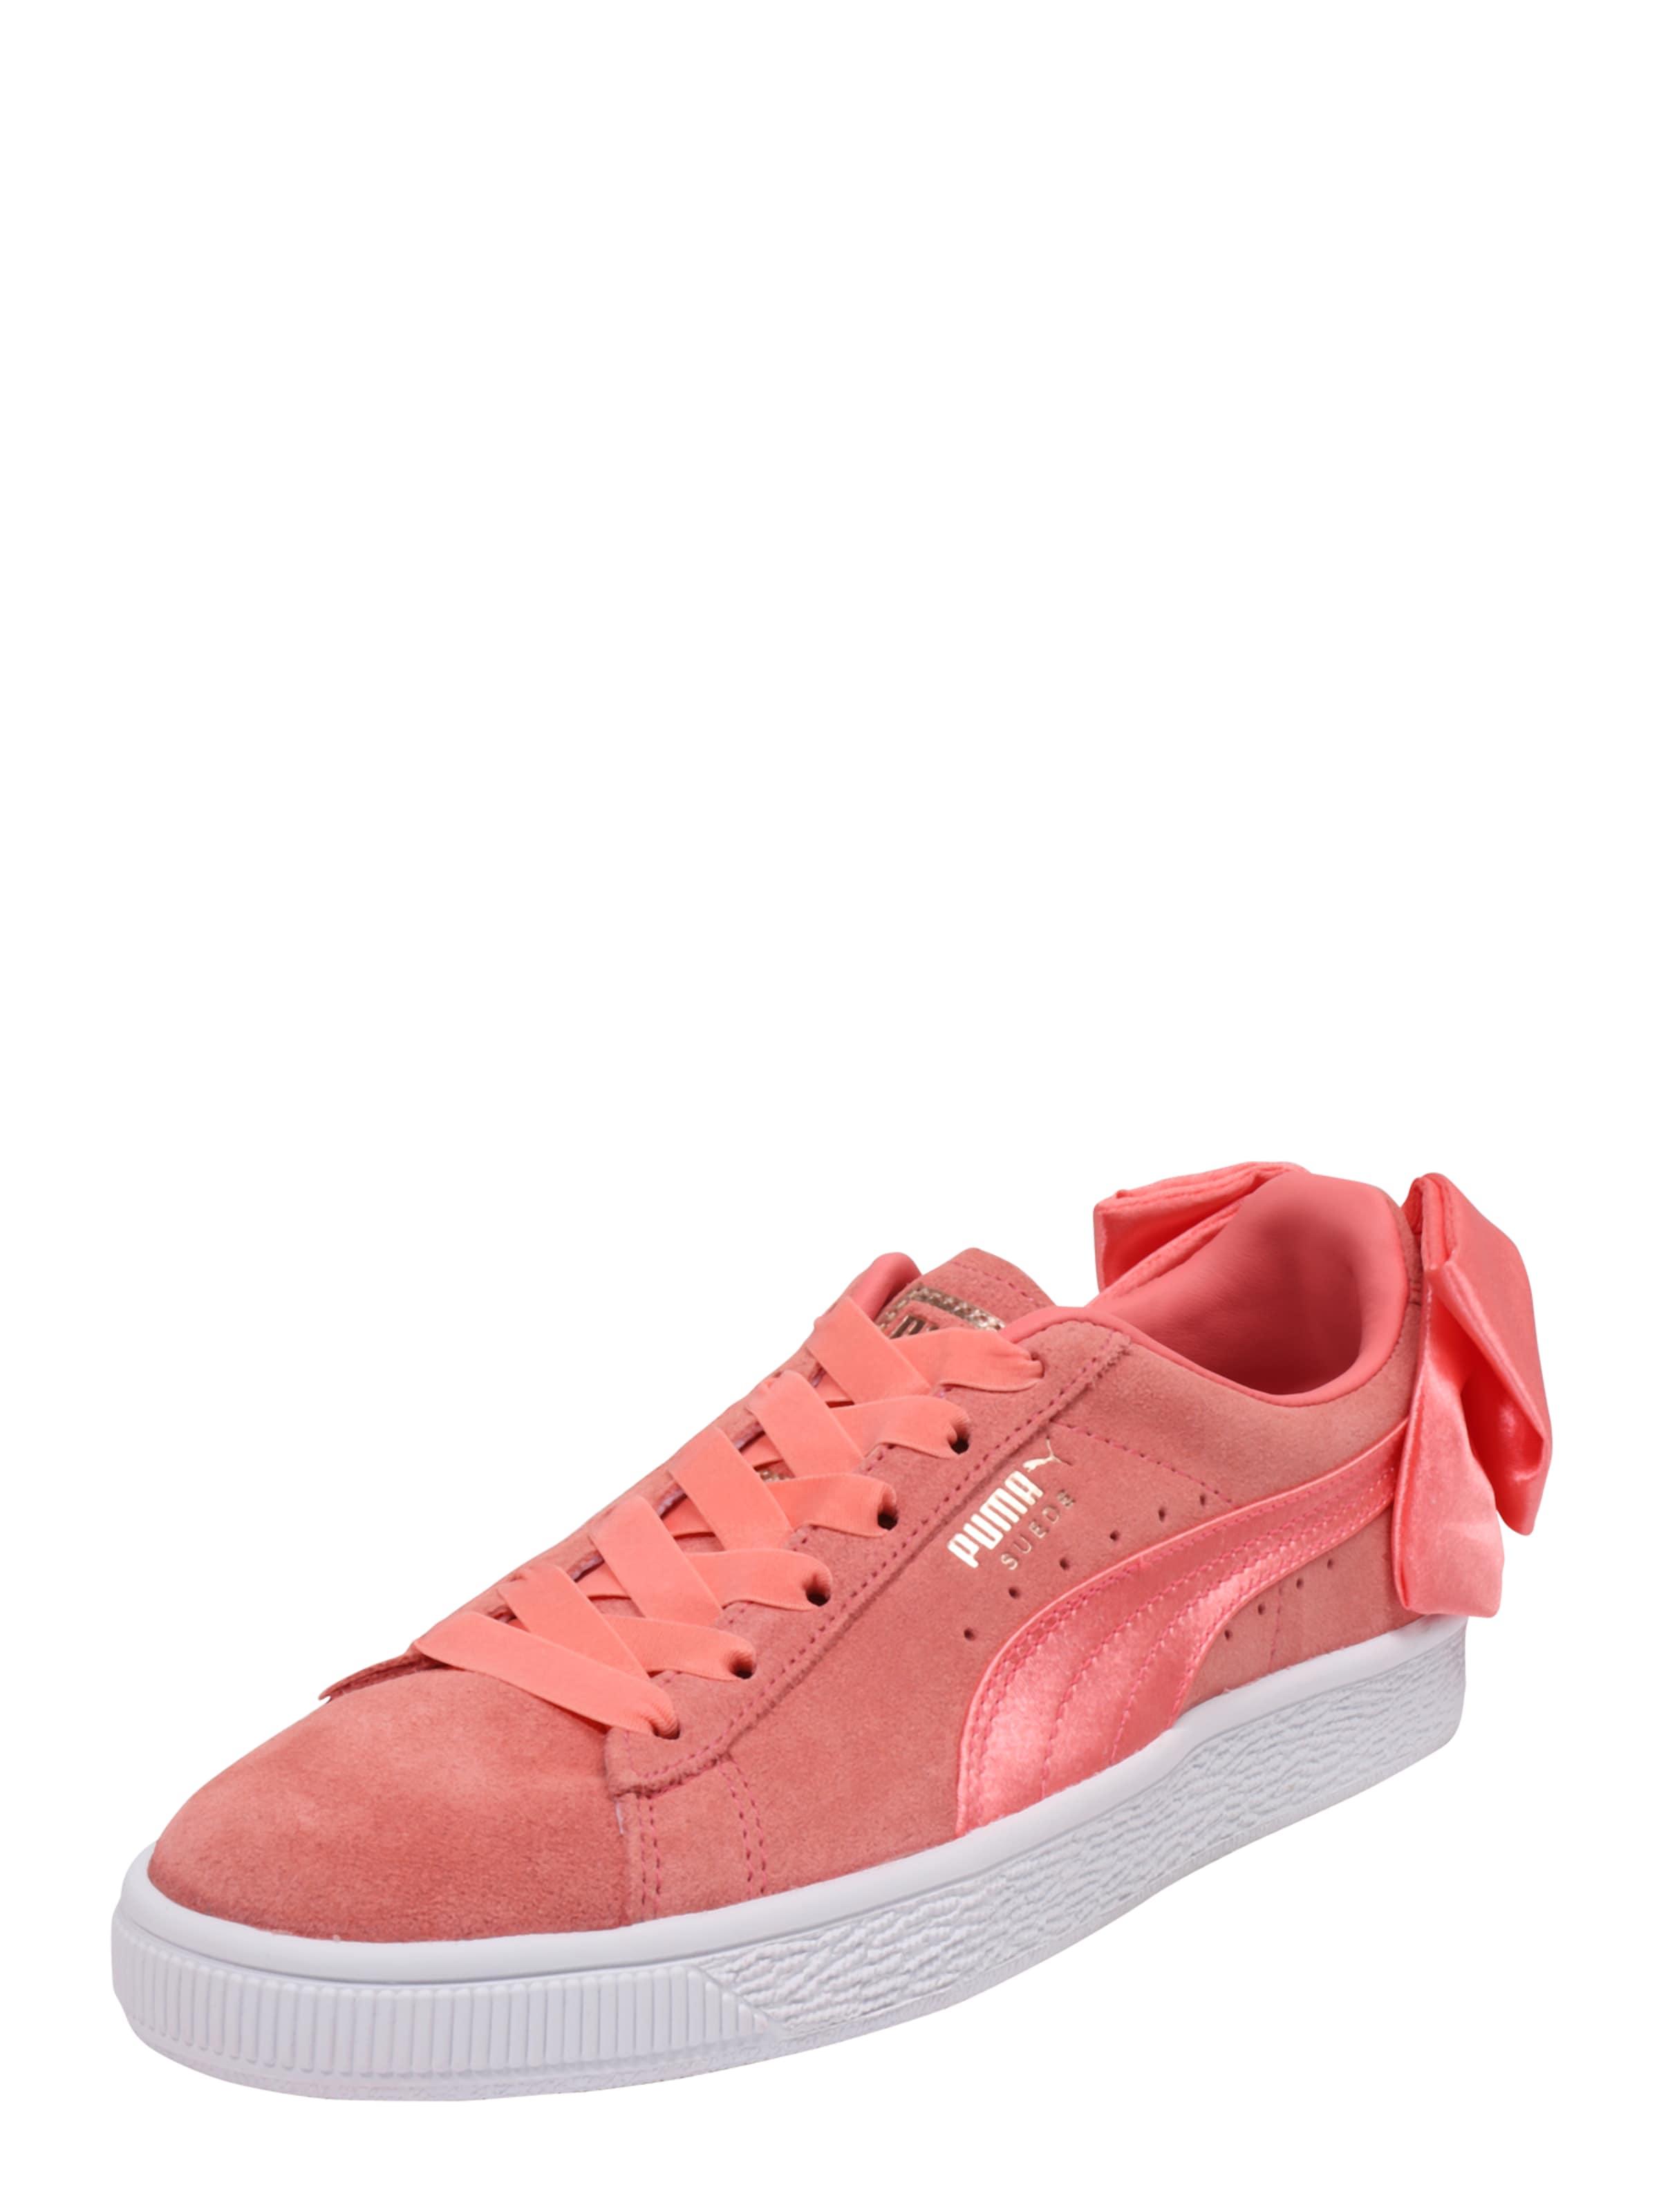 PUMA Veloursleder-Sneaker mit Schleife  Suede Bow